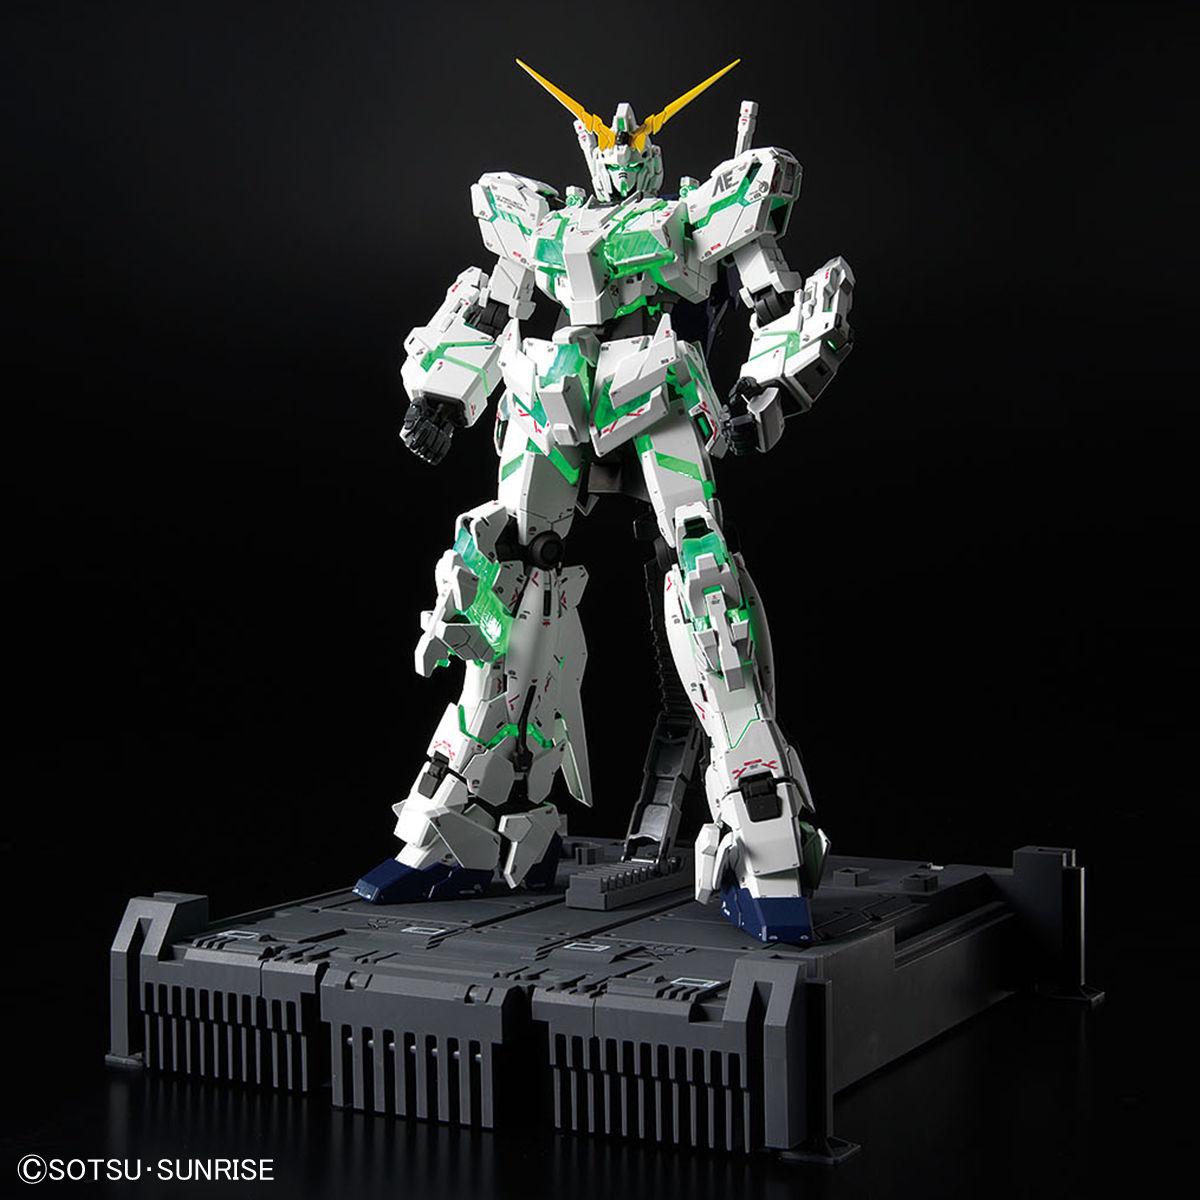 MGEX 1/100 ガンダムベース限定 ユニコーンガンダム Ver.TWC